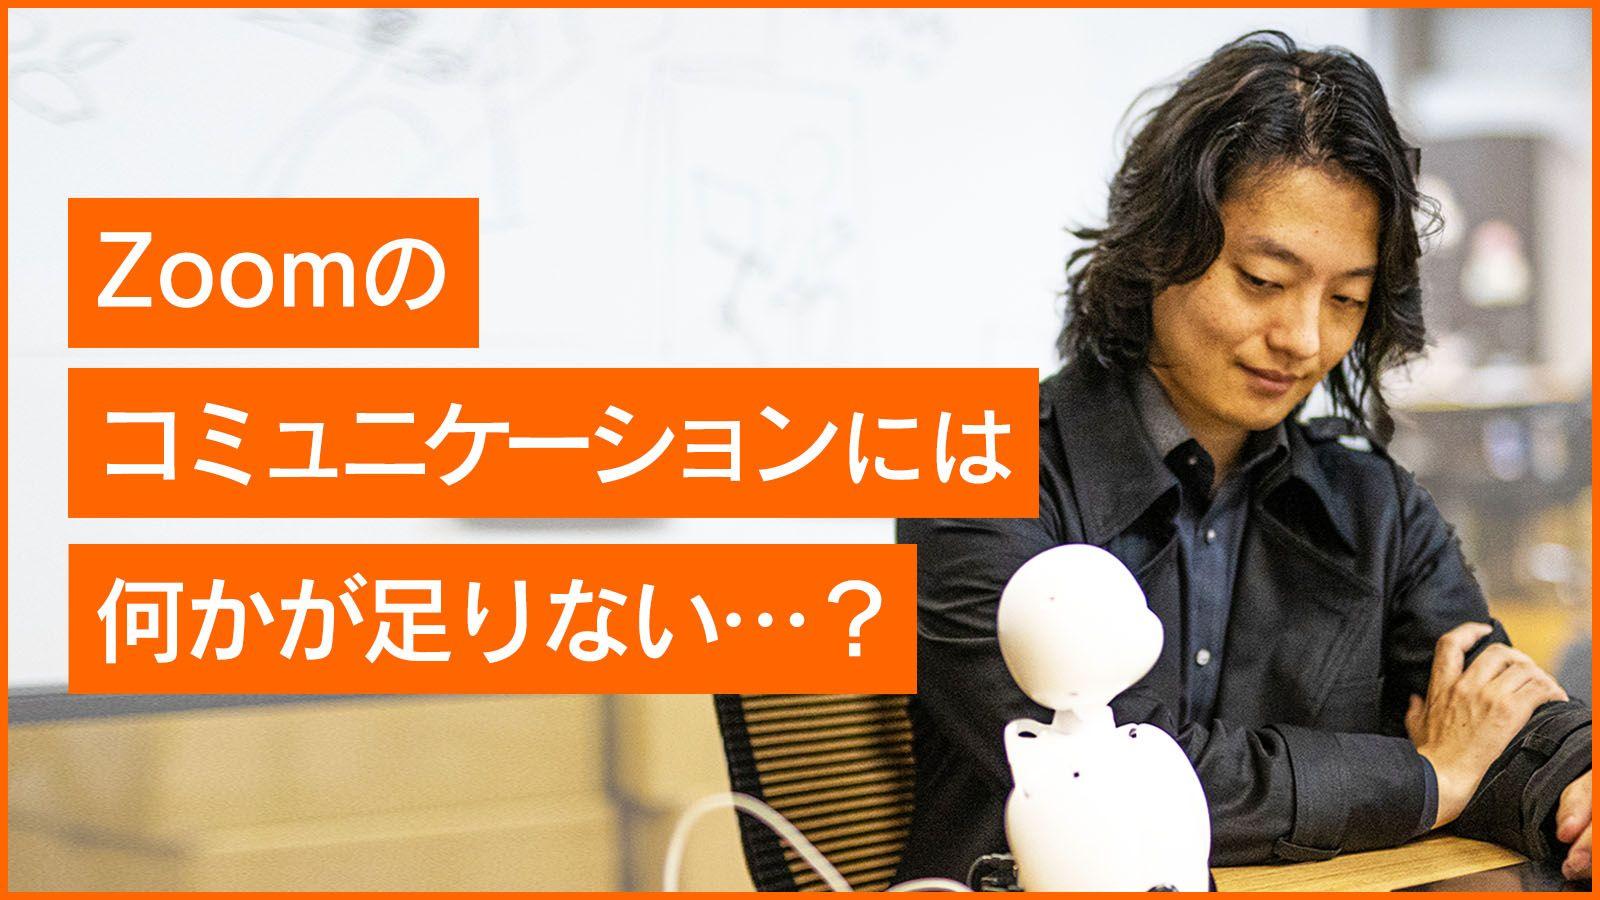 まるでそこにいるかのように。吉藤オリィ氏と考える、ウィズコロナ時代の「分身ロボット」コミュニケーション